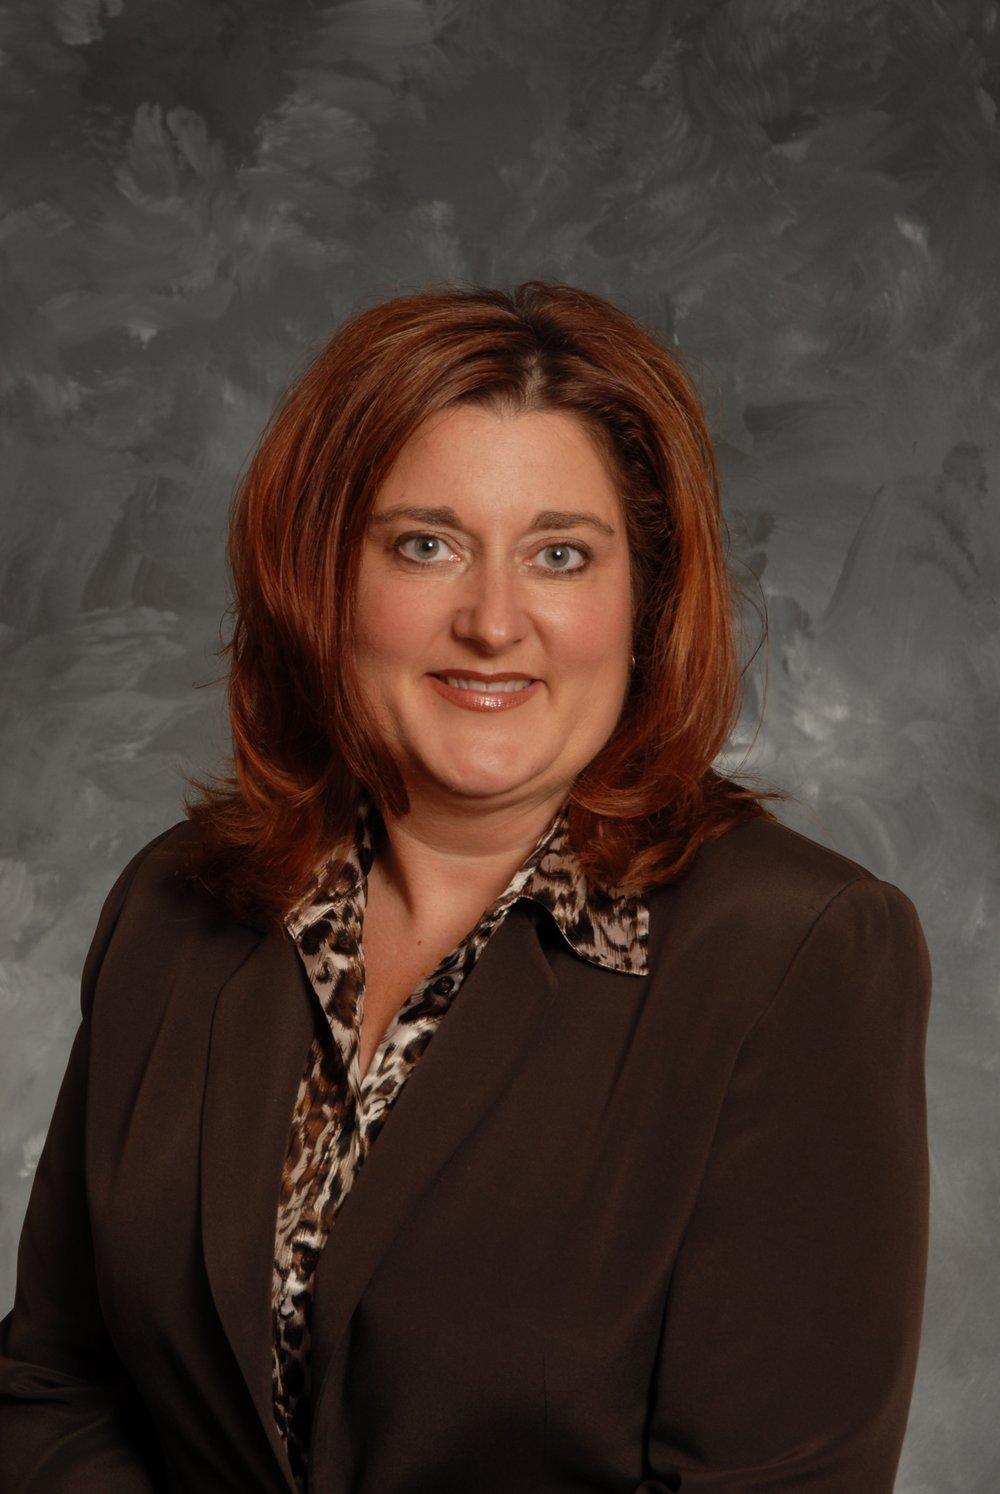 SueAnn Naso, <br>Secretary President <br> Staffing Solutions Enterprises